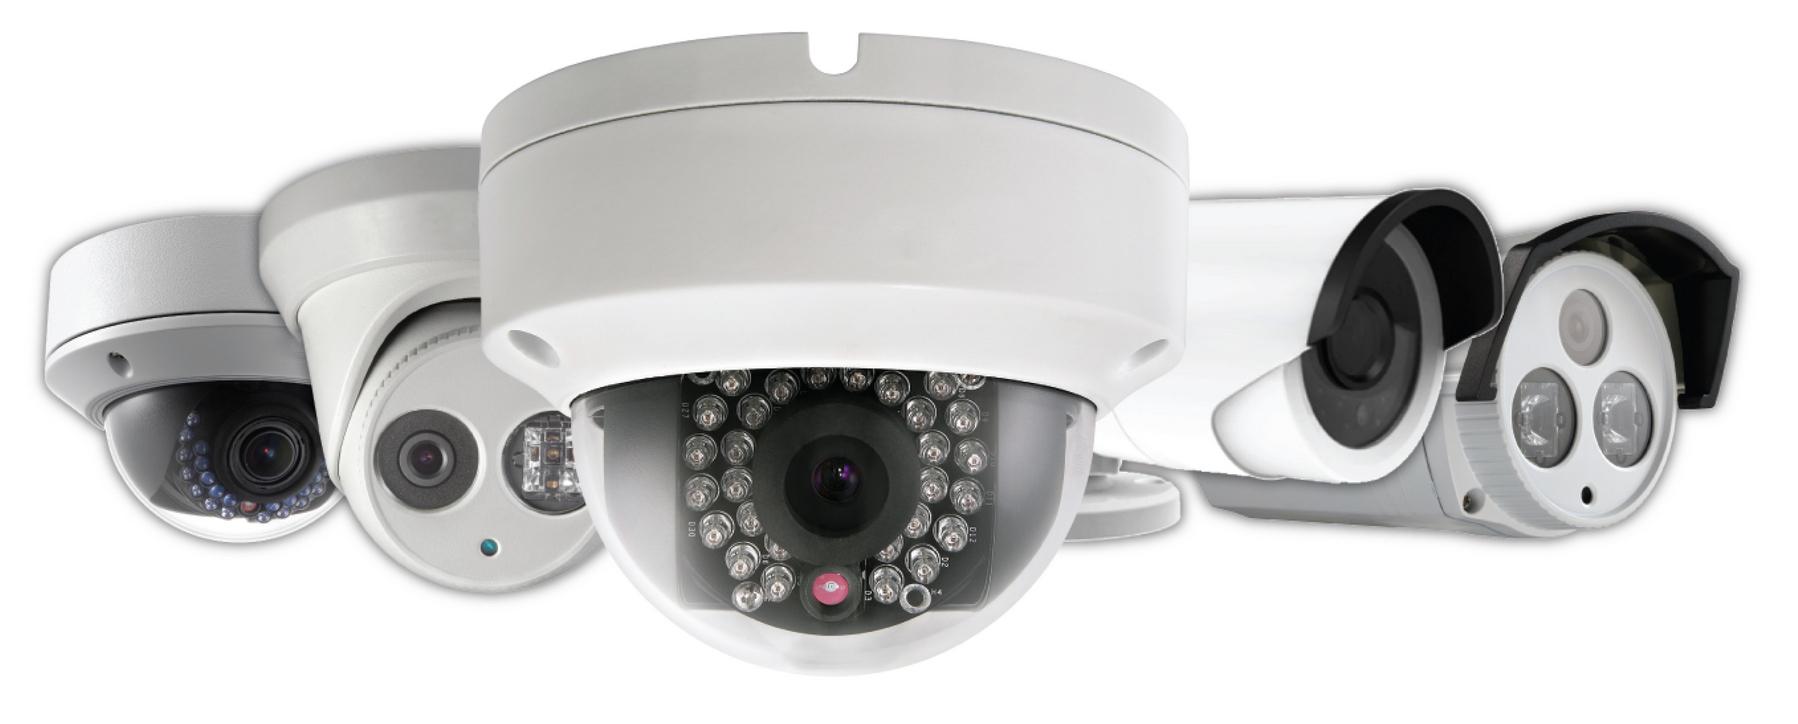 Ventajas Y Desventajas De Una Cámara IP Y CCTV